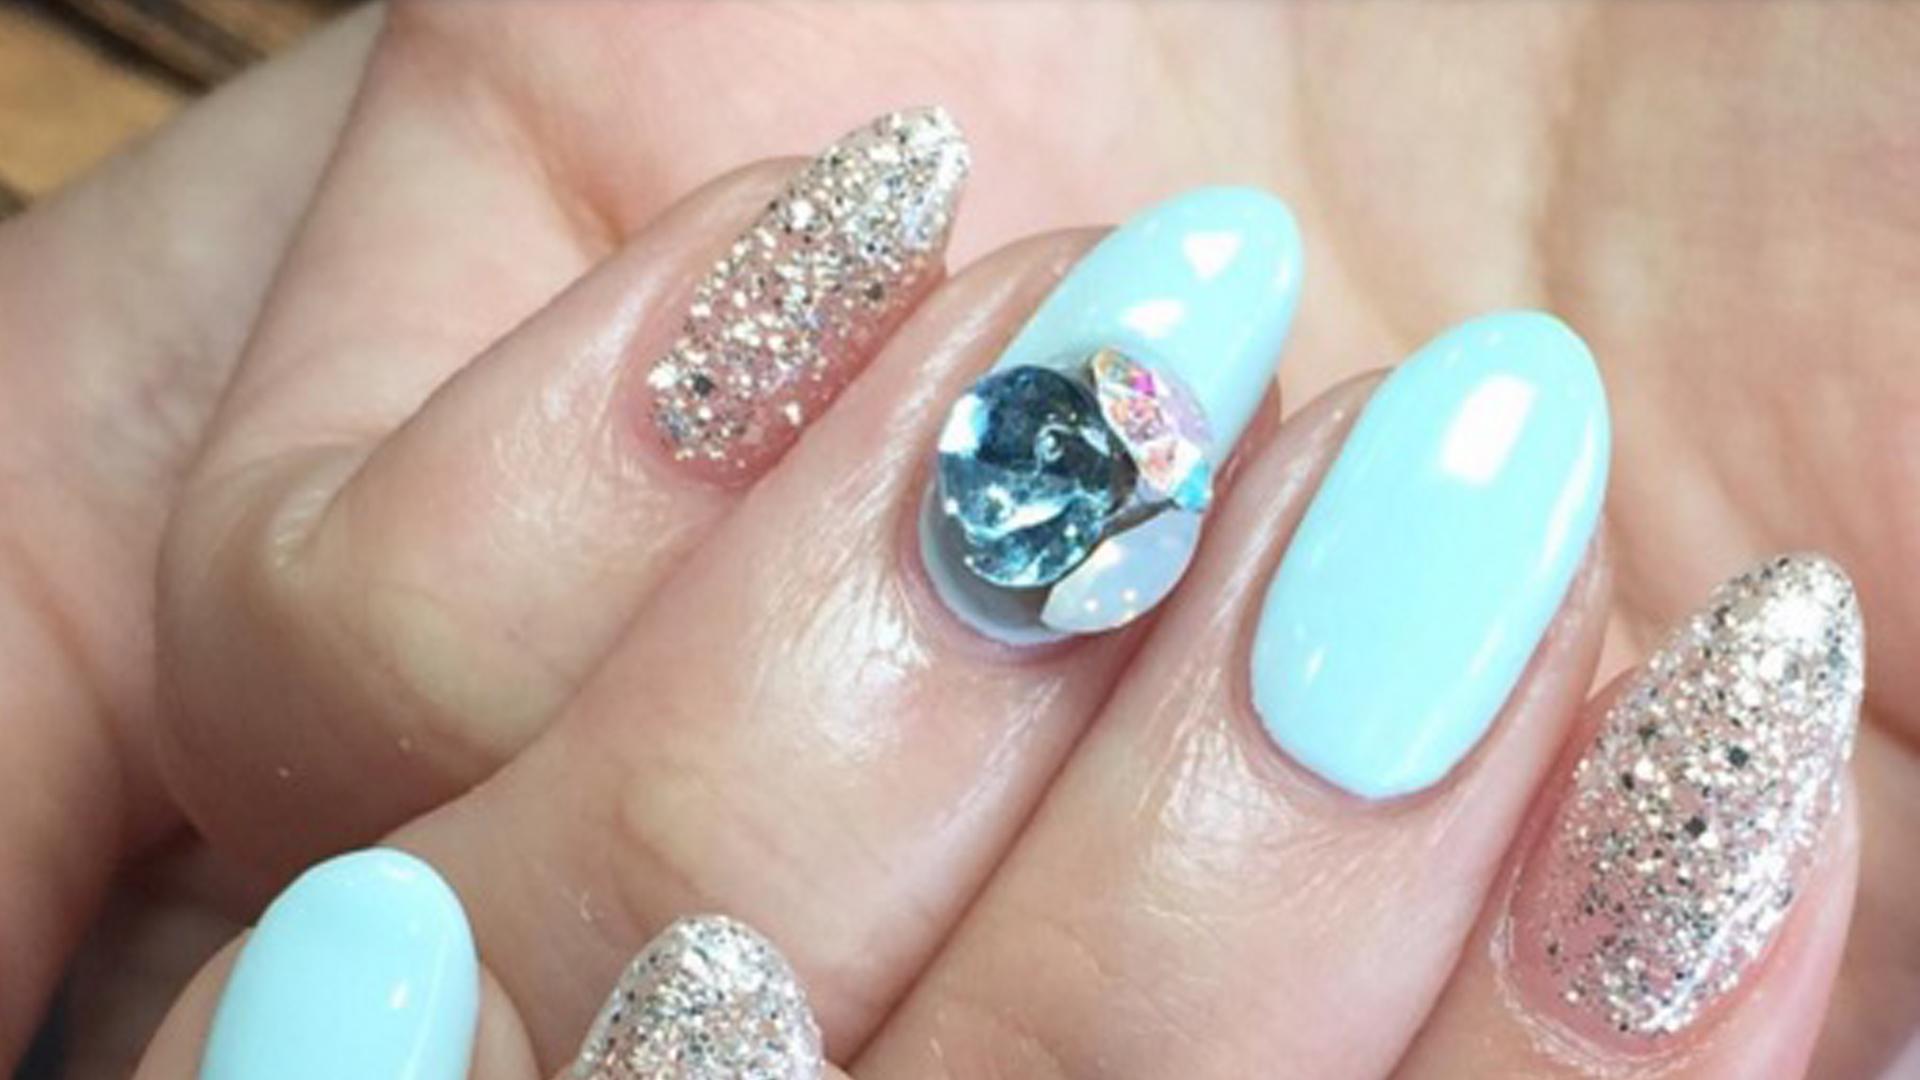 Las uñas de moda llevan piedras y gemas anímate a probar esta glamorosa tendencia